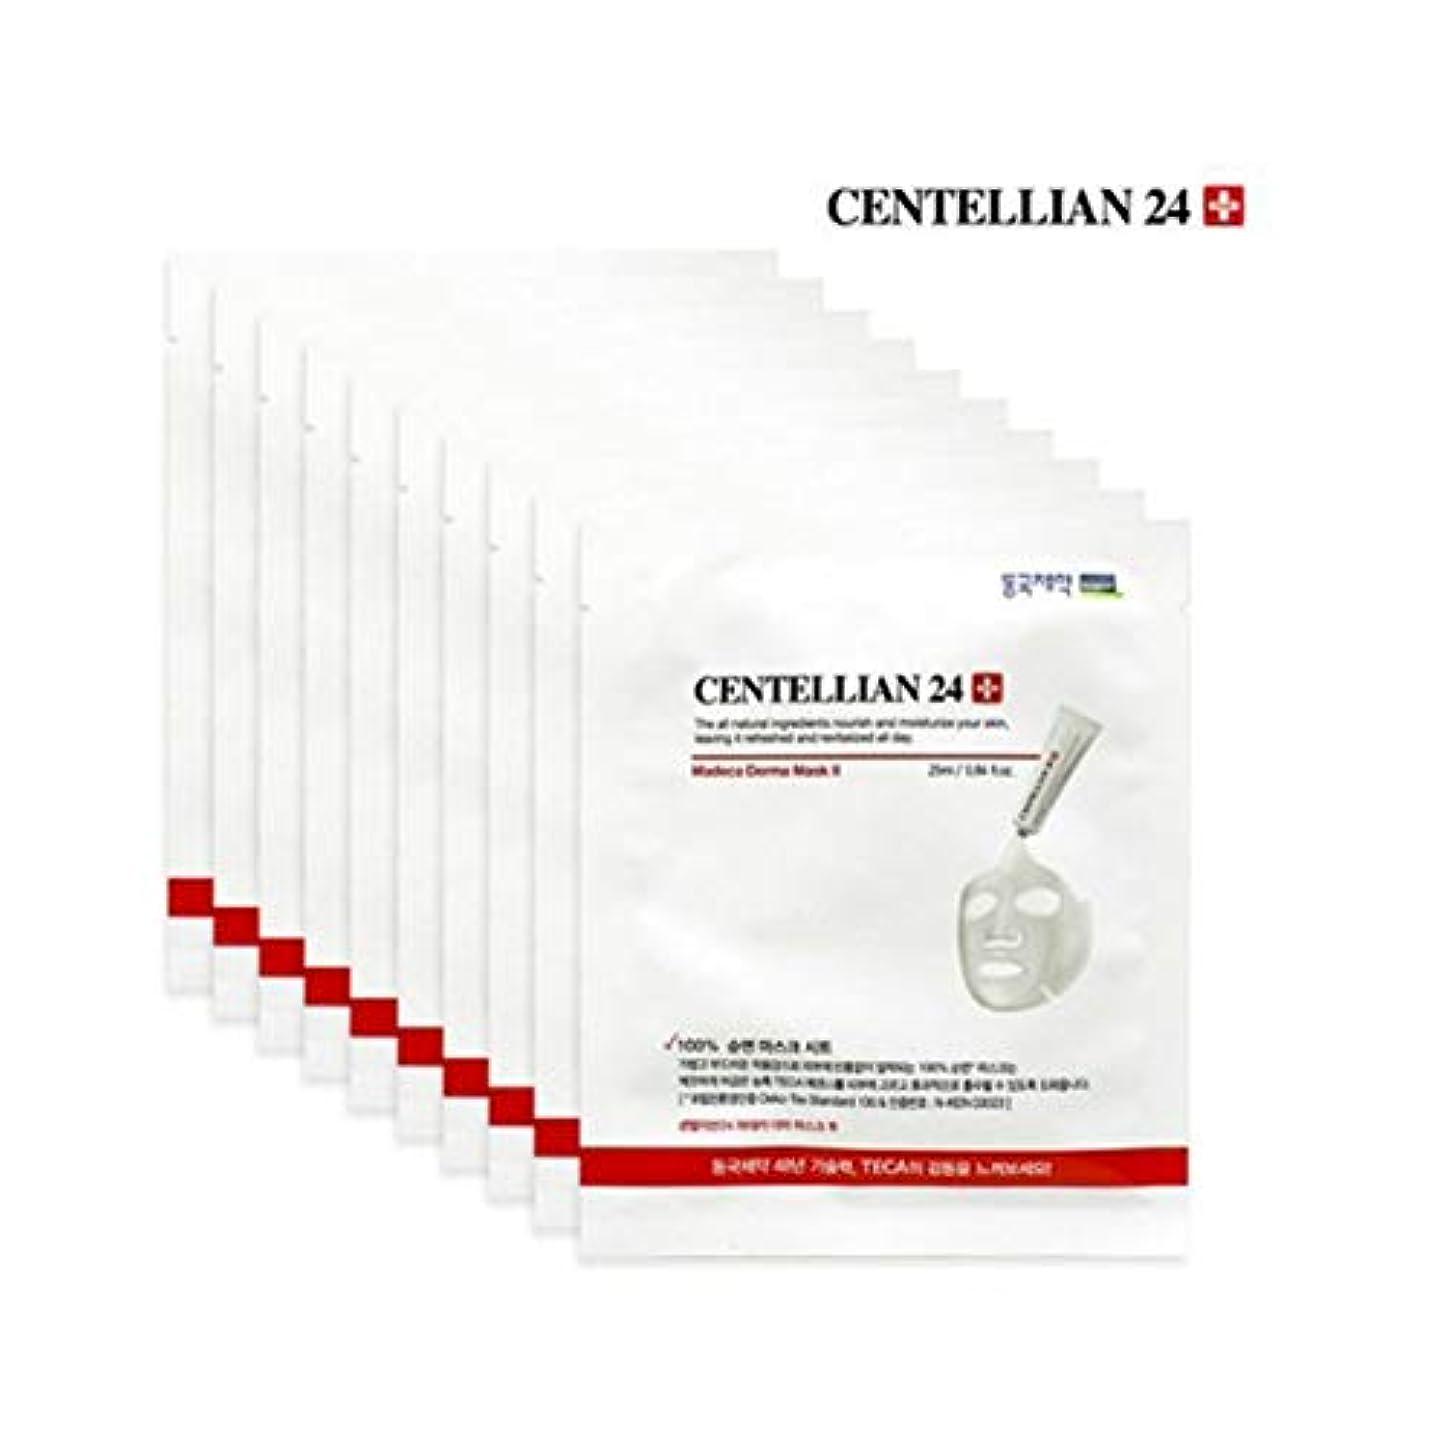 取り除くアジア人申し込むセンテルリアン24マデカードママスクパック10枚肌の保湿、Centellian24 Madeca Derma Mask Pack 10 Sheets Skin Moisturizing [並行輸入品]